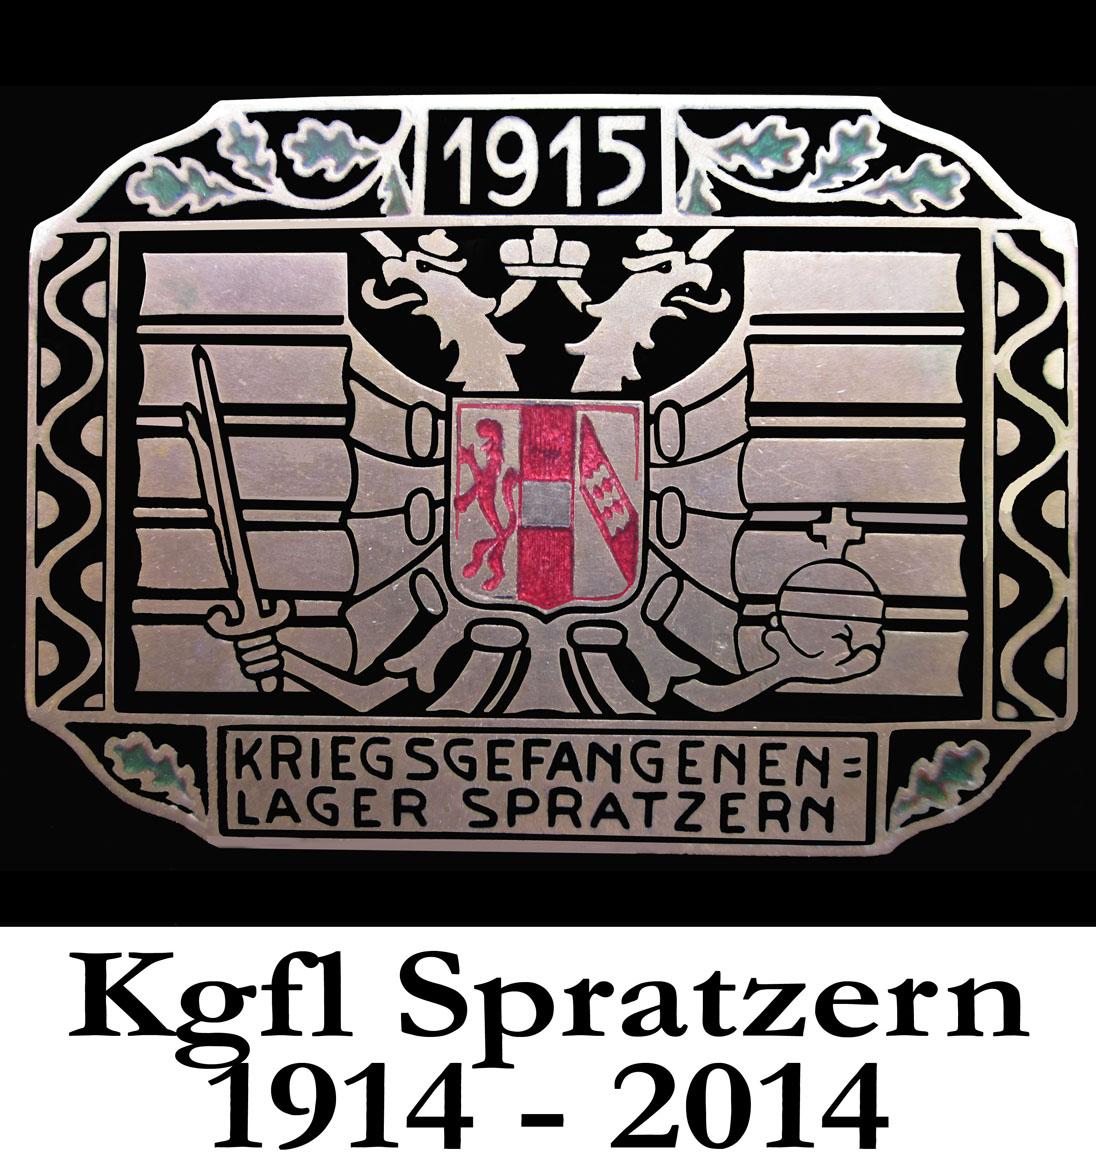 PM1: Abbildung des offiziellen Lagerabzeichens, das ab 1915 zum Einsatz kam